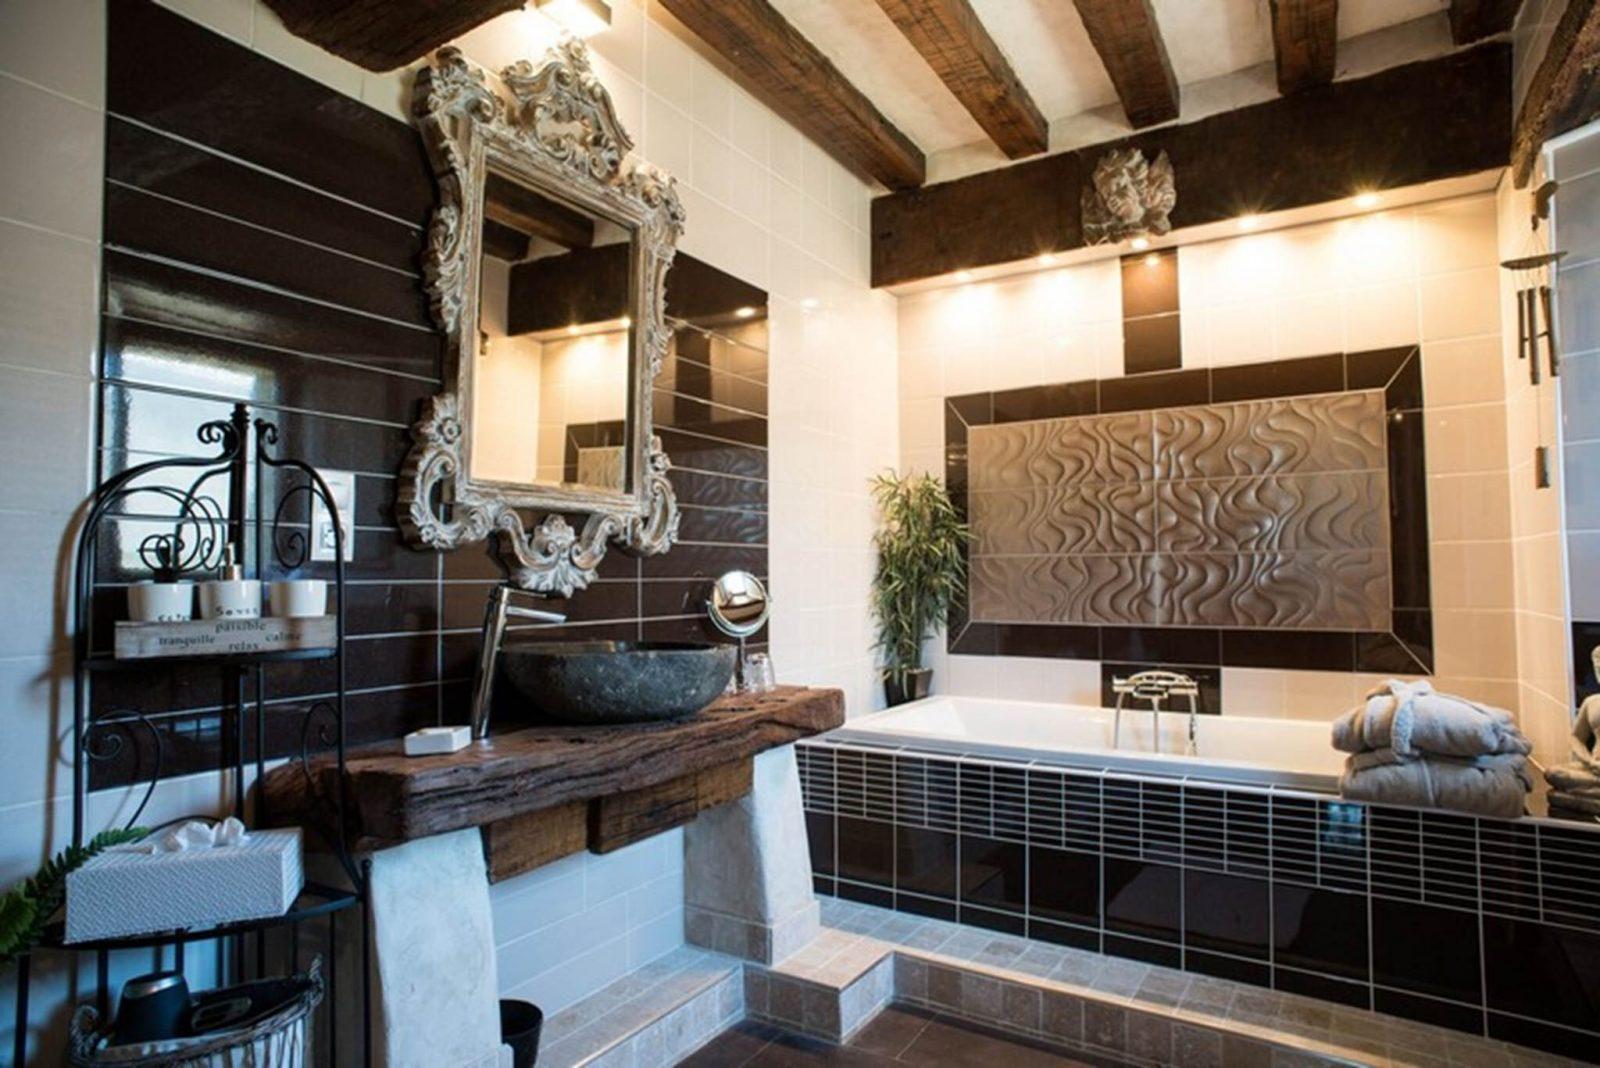 Chambres d'hôtes Manoir de la Sénéchaussée Arzal Morbihan